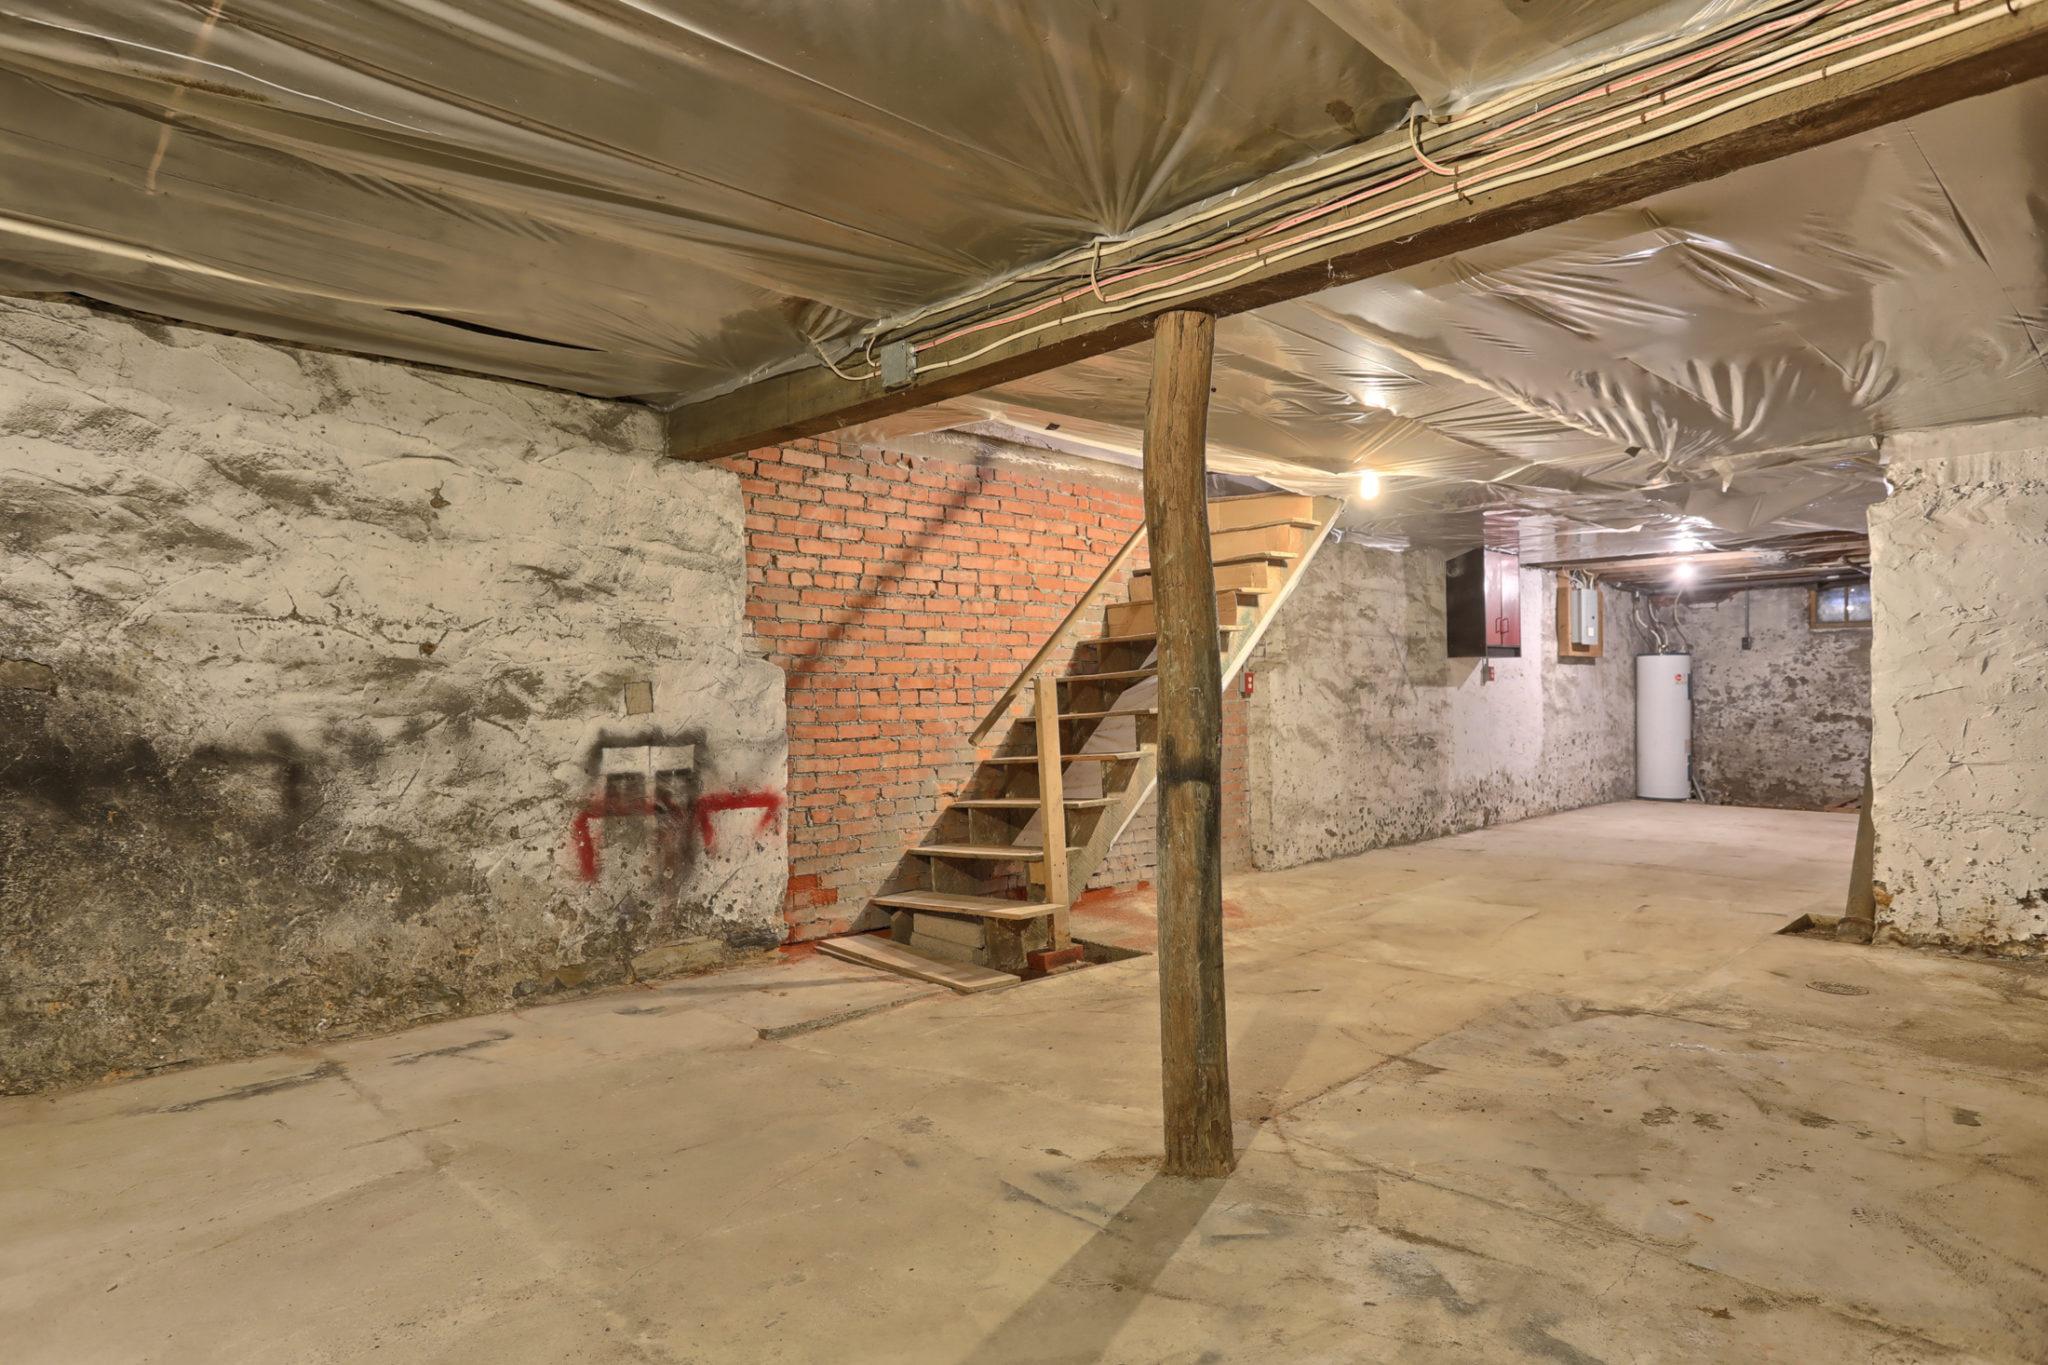 12 E. Maple Avenue - Basement